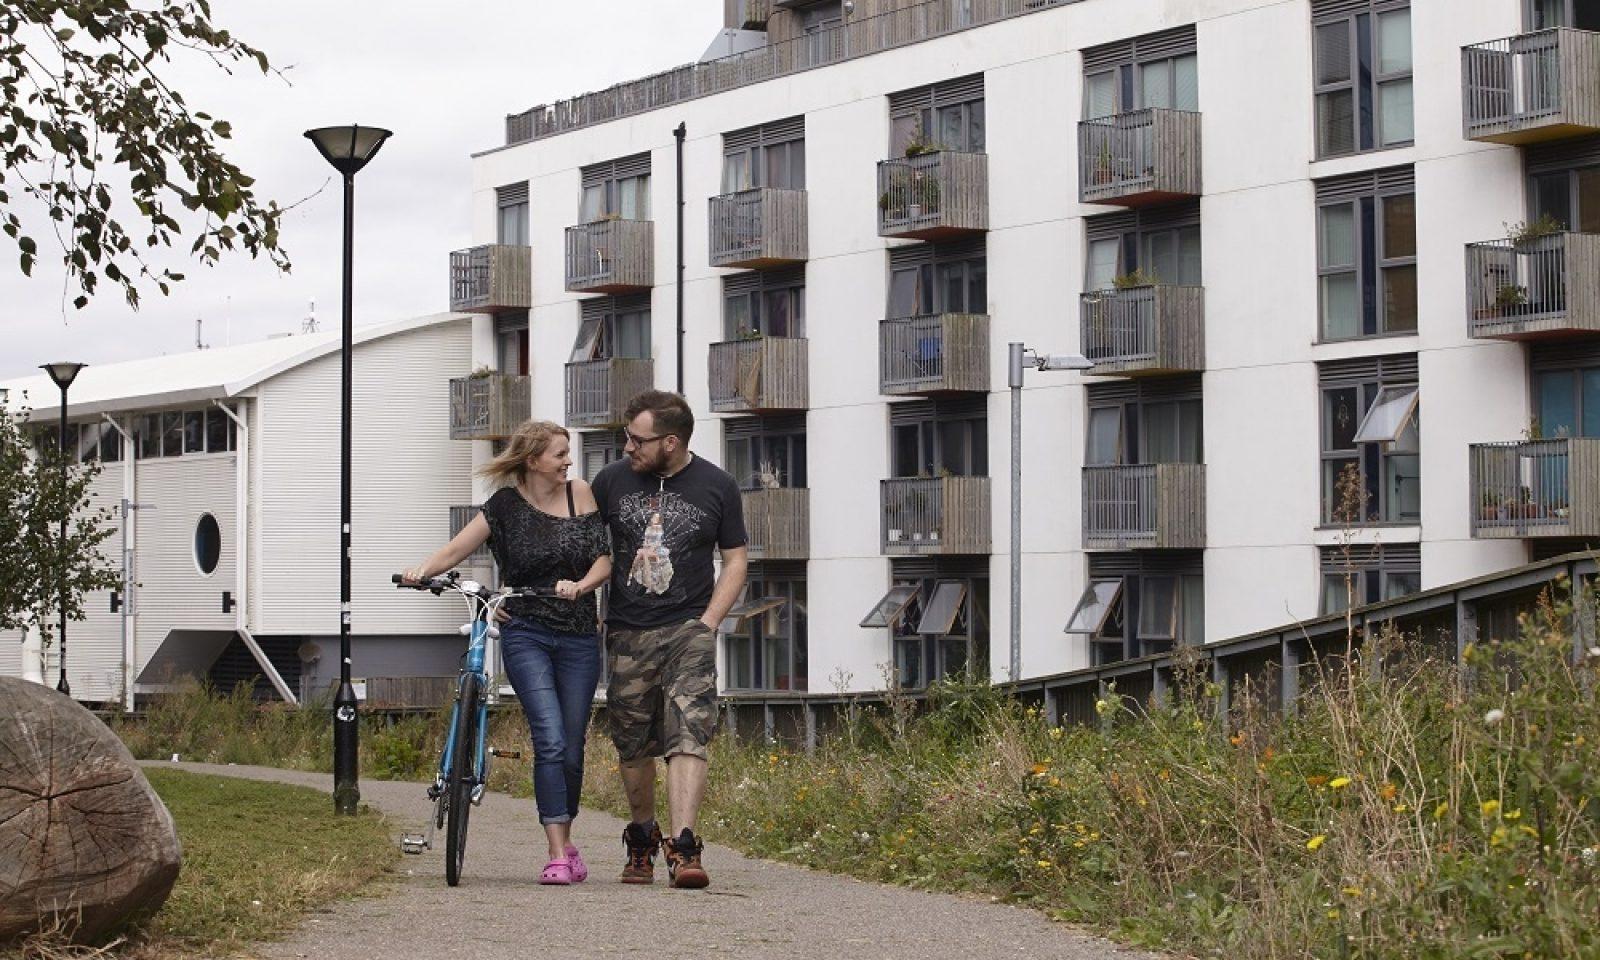 Community-led housing